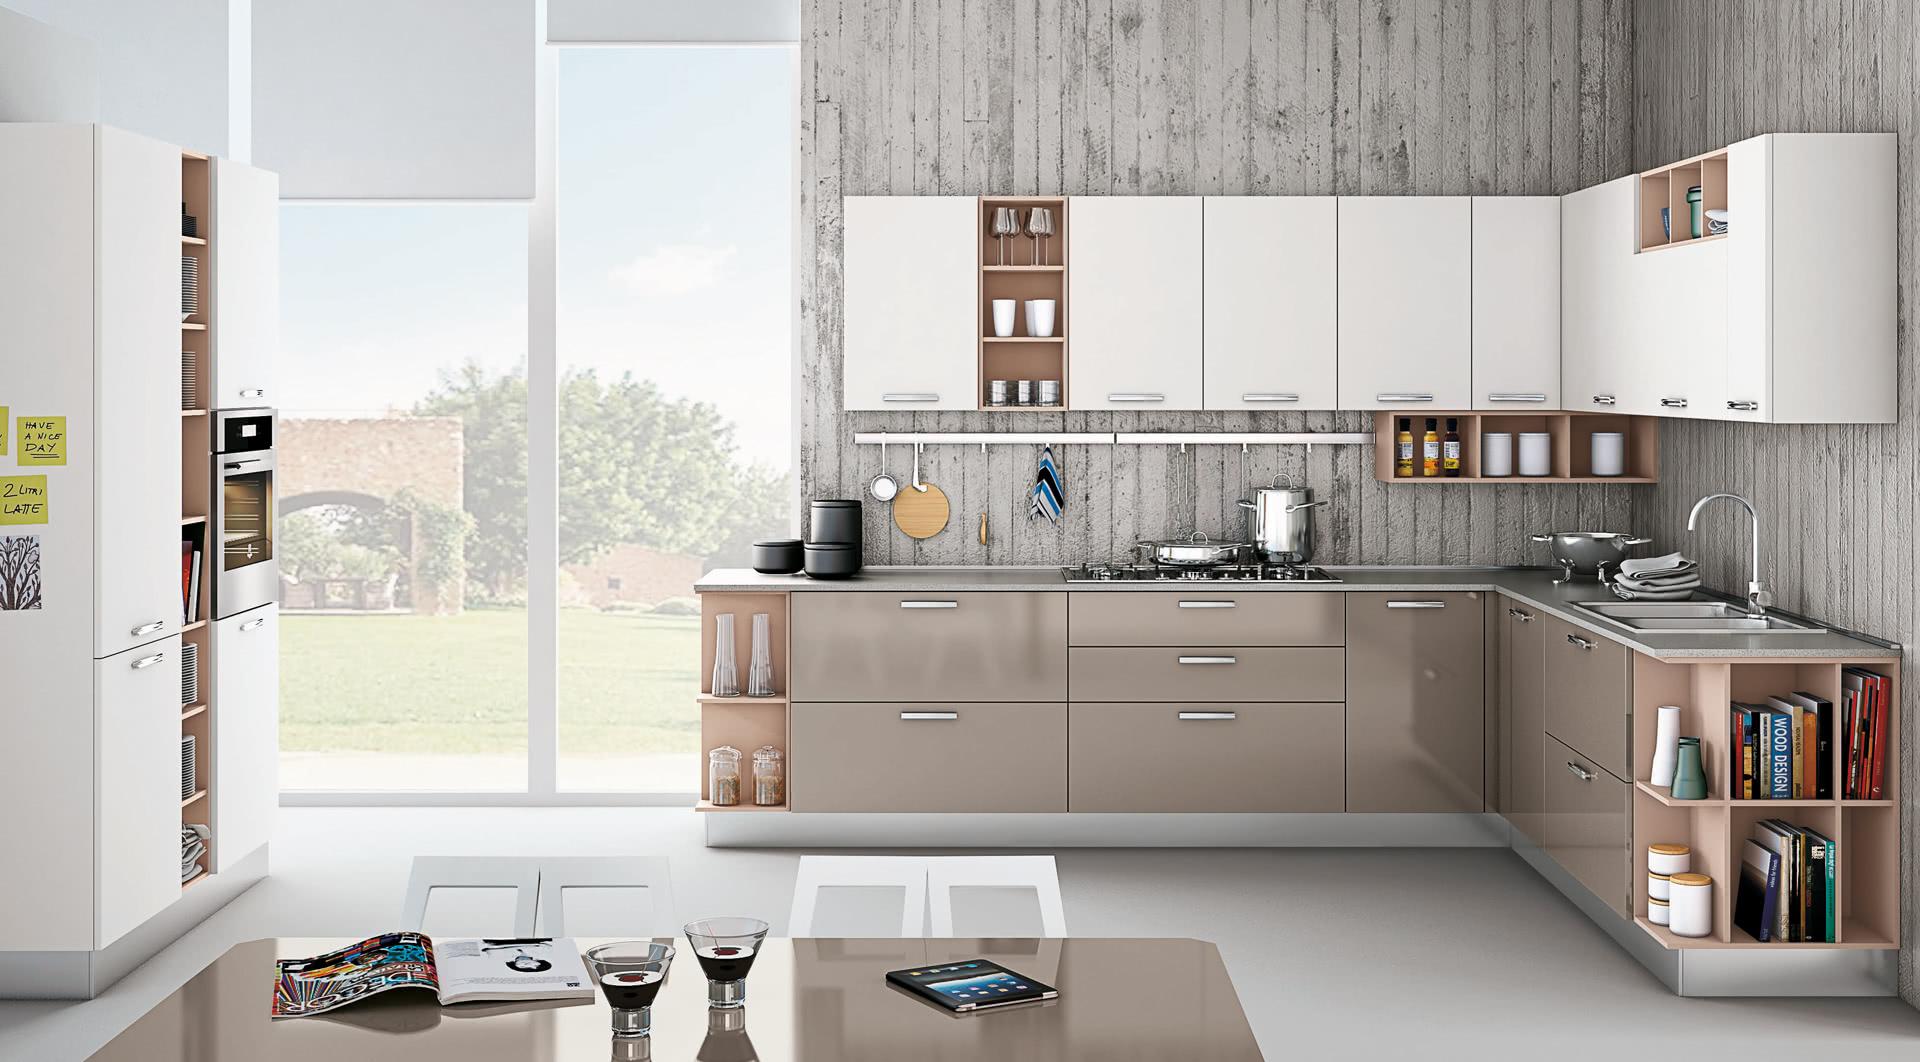 808_zoe-cucina-ambientata-5